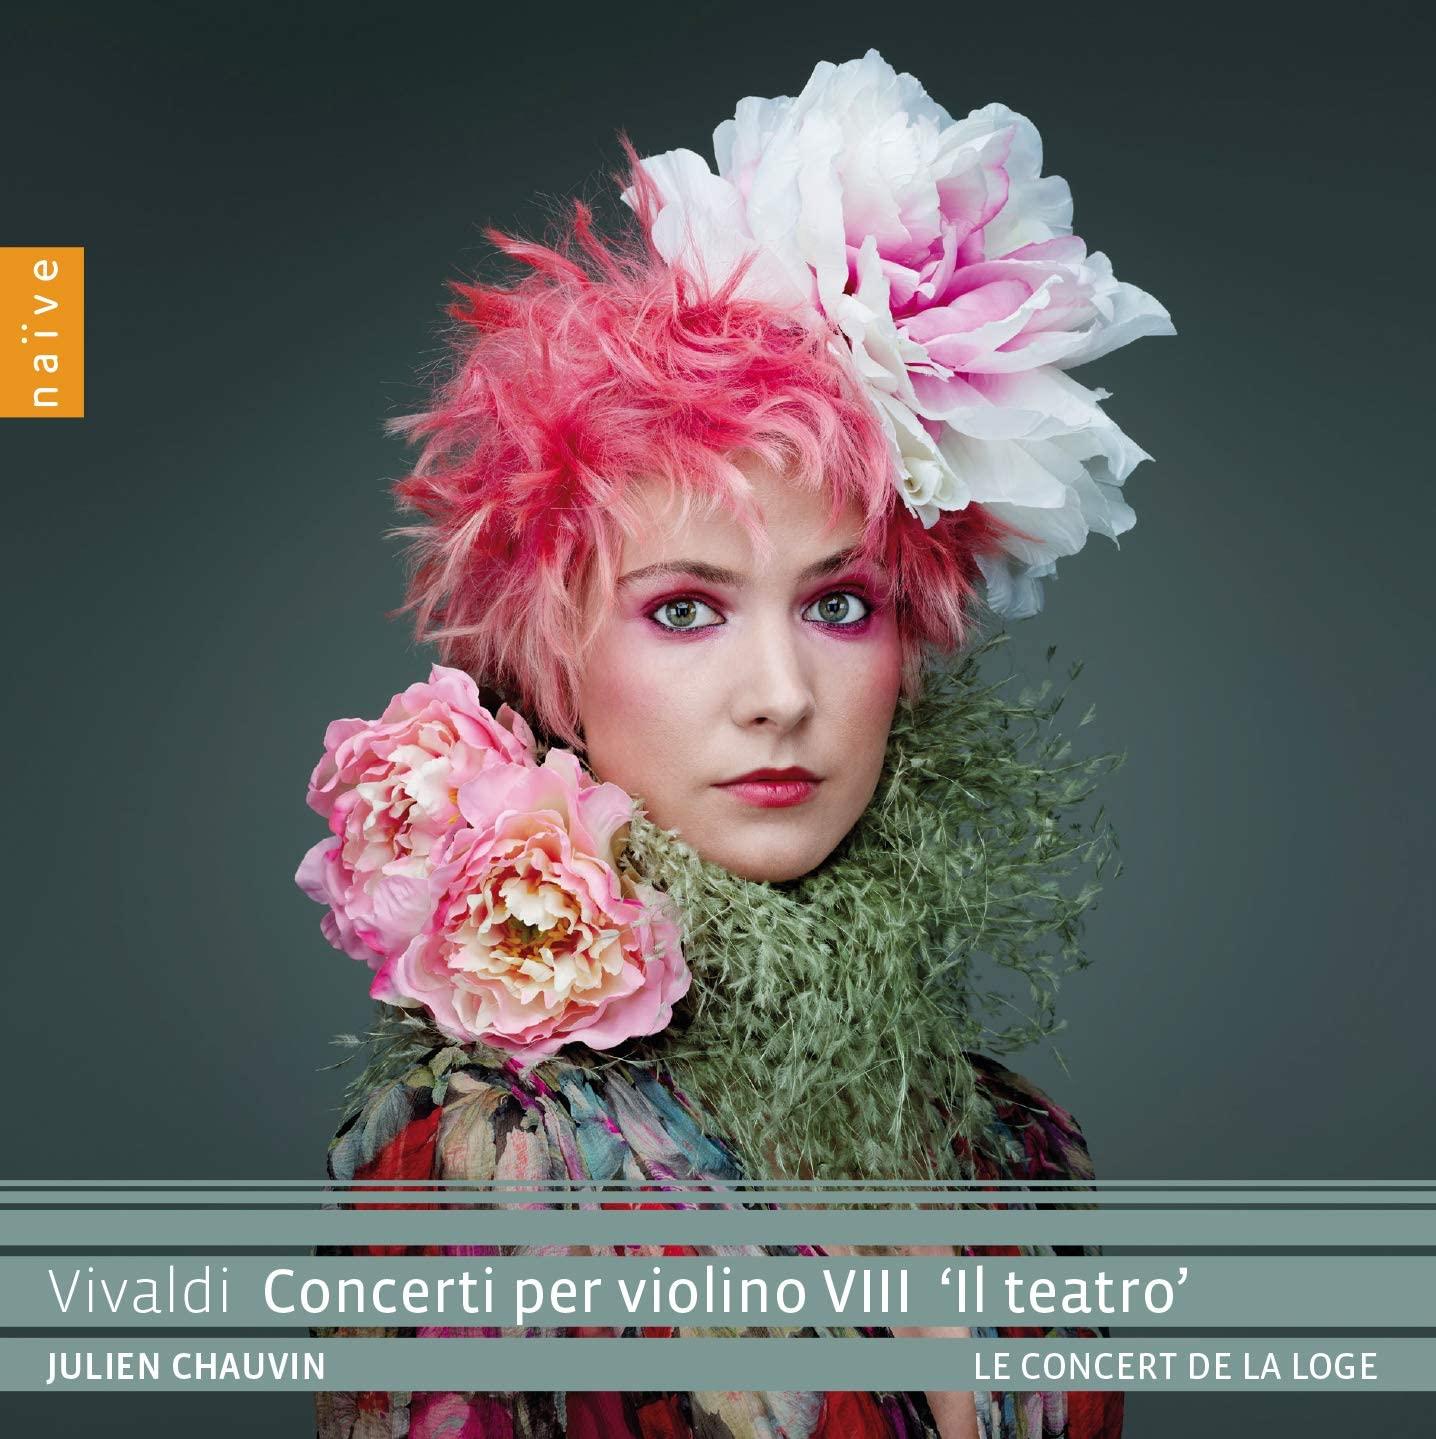 Review of VIVALDI Concerti per violino VIII 'Il teatro' (Julien Chauvin)